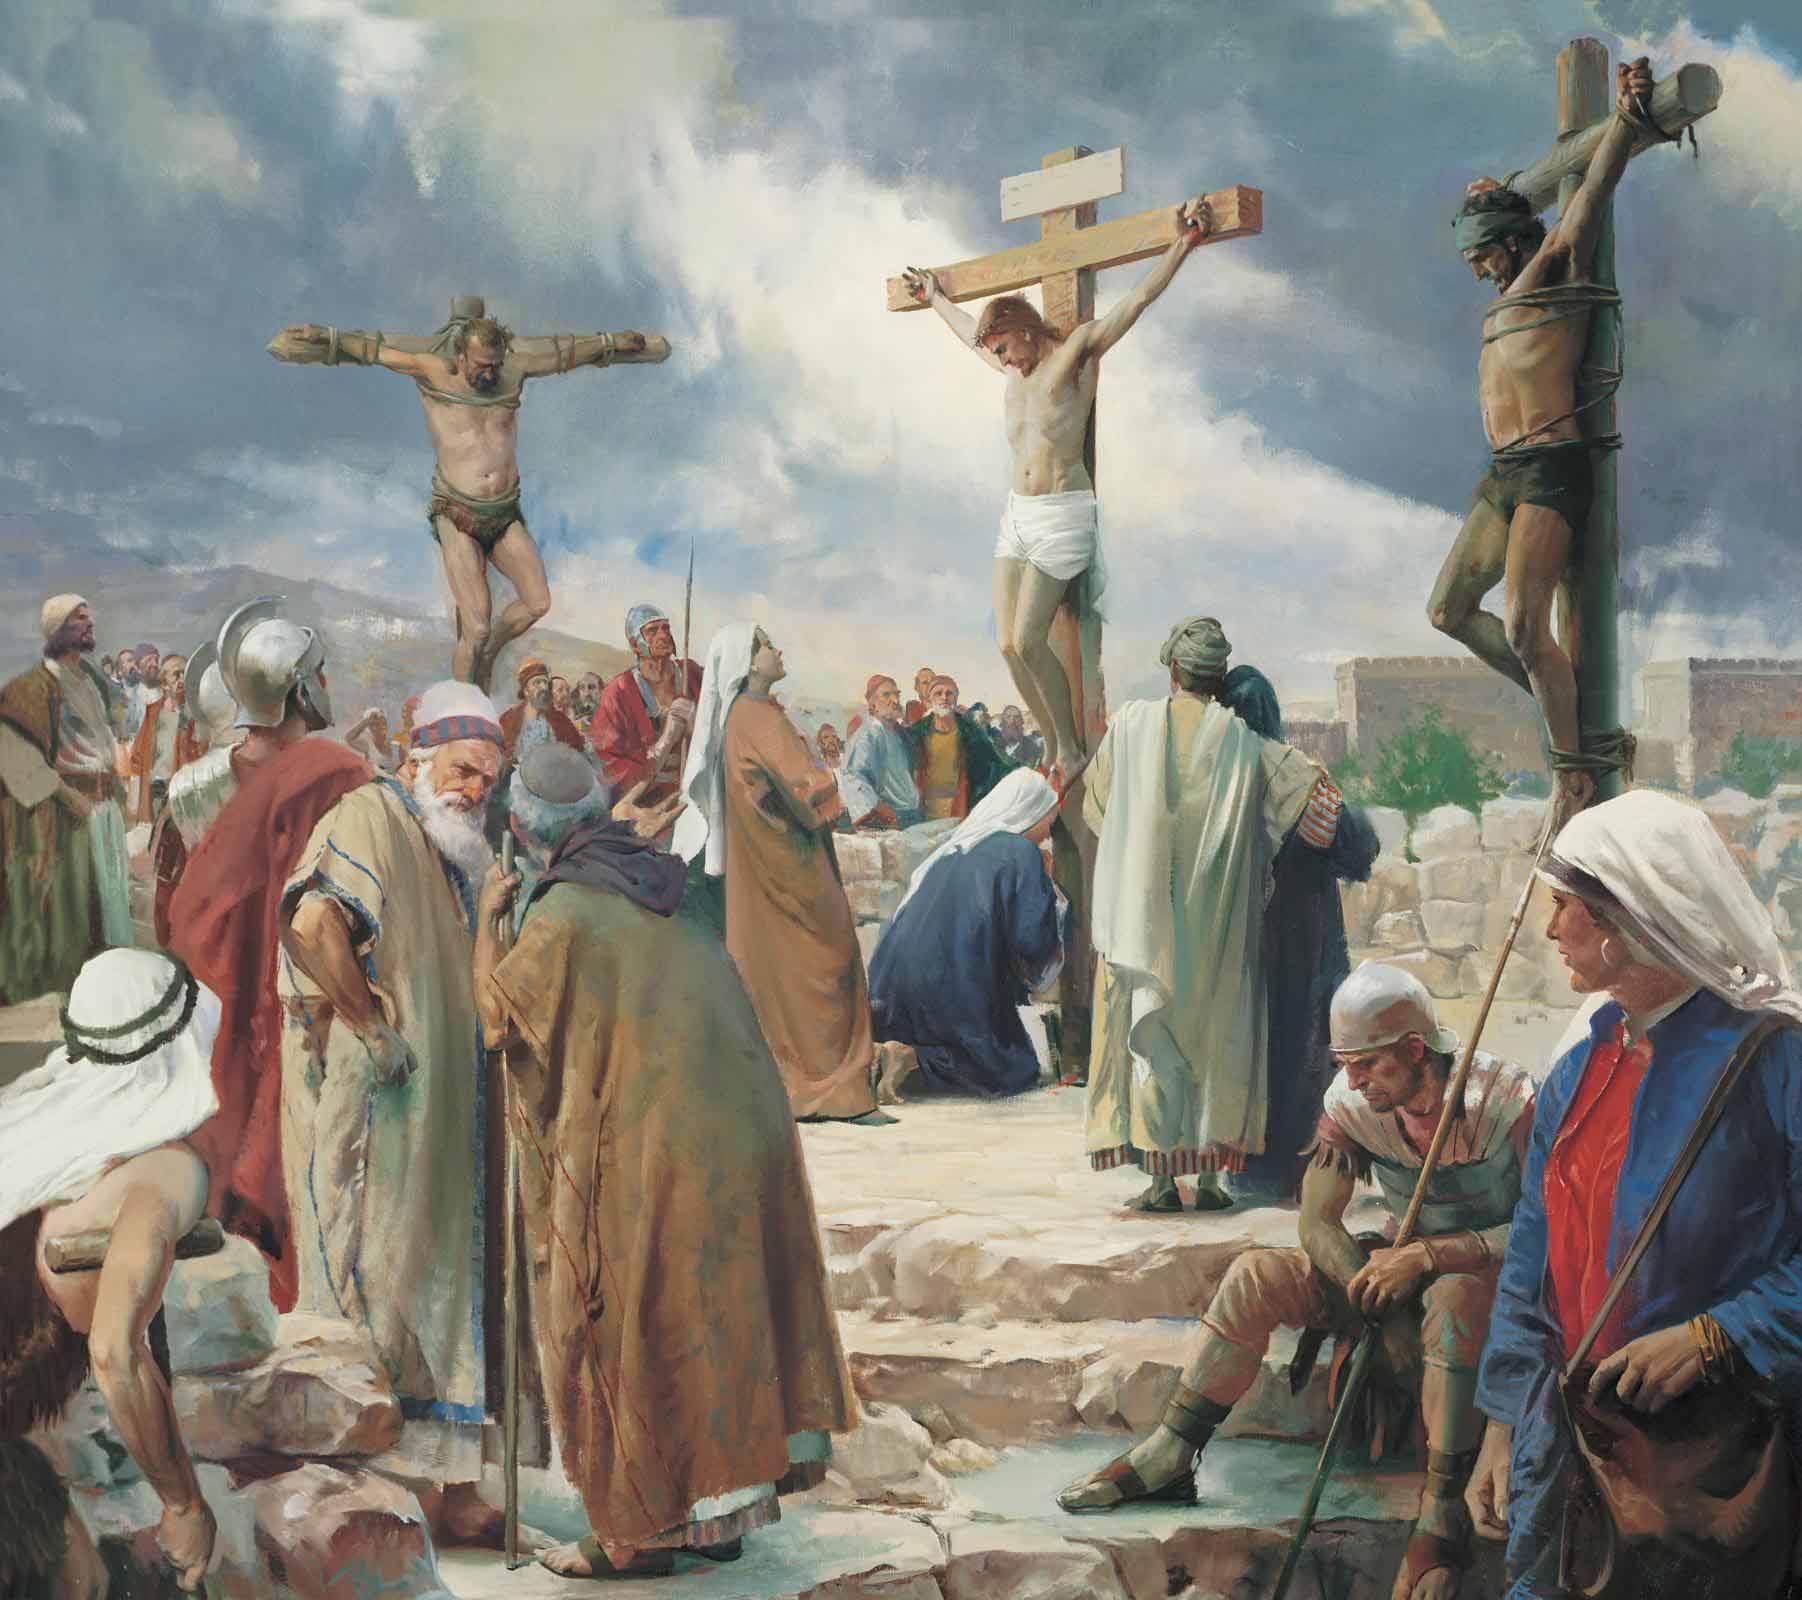 Cái giá cuộc bức hại Cơ Đốc giáo: Một đế chế diệt vong, một dân tộc lưu lạc - ảnh 1